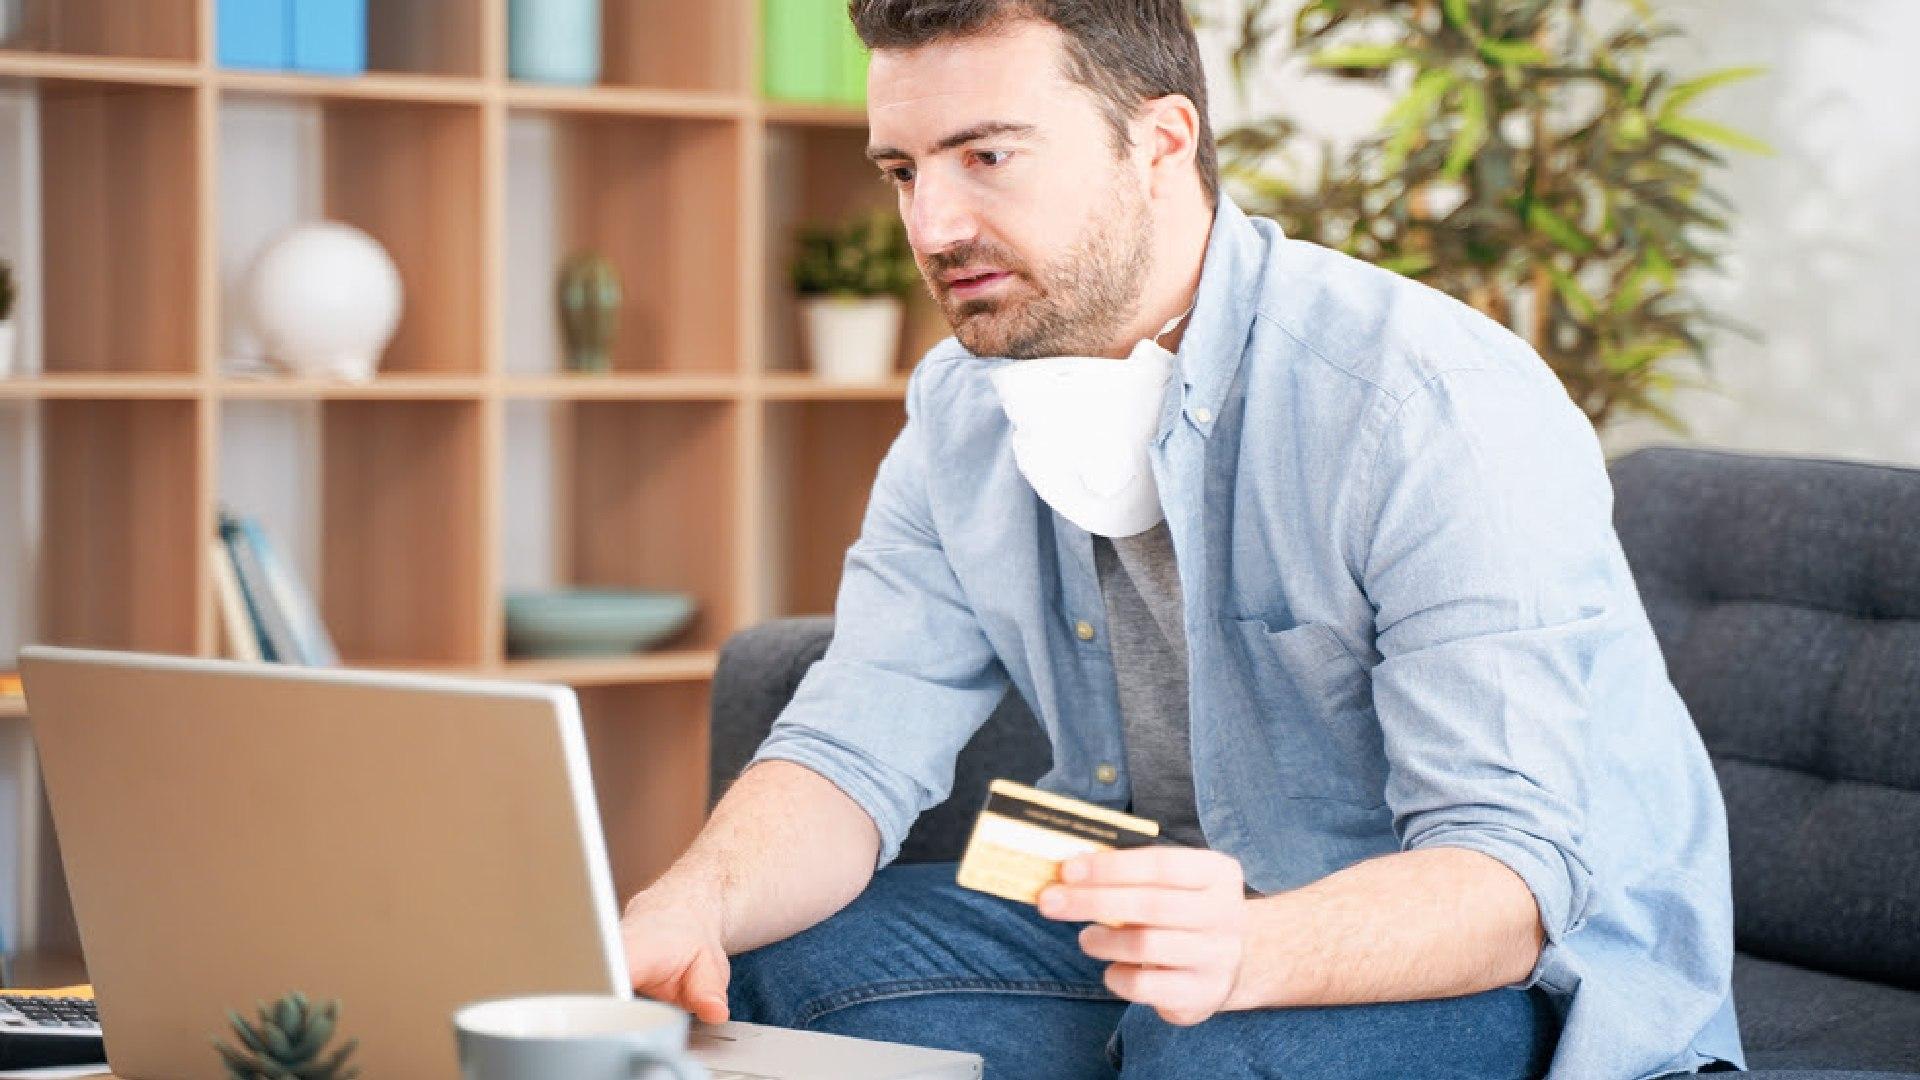 Los bancos comenzaron a ponerle un tope a las compras en cuotas con tarjetas  de crédito - Infobae